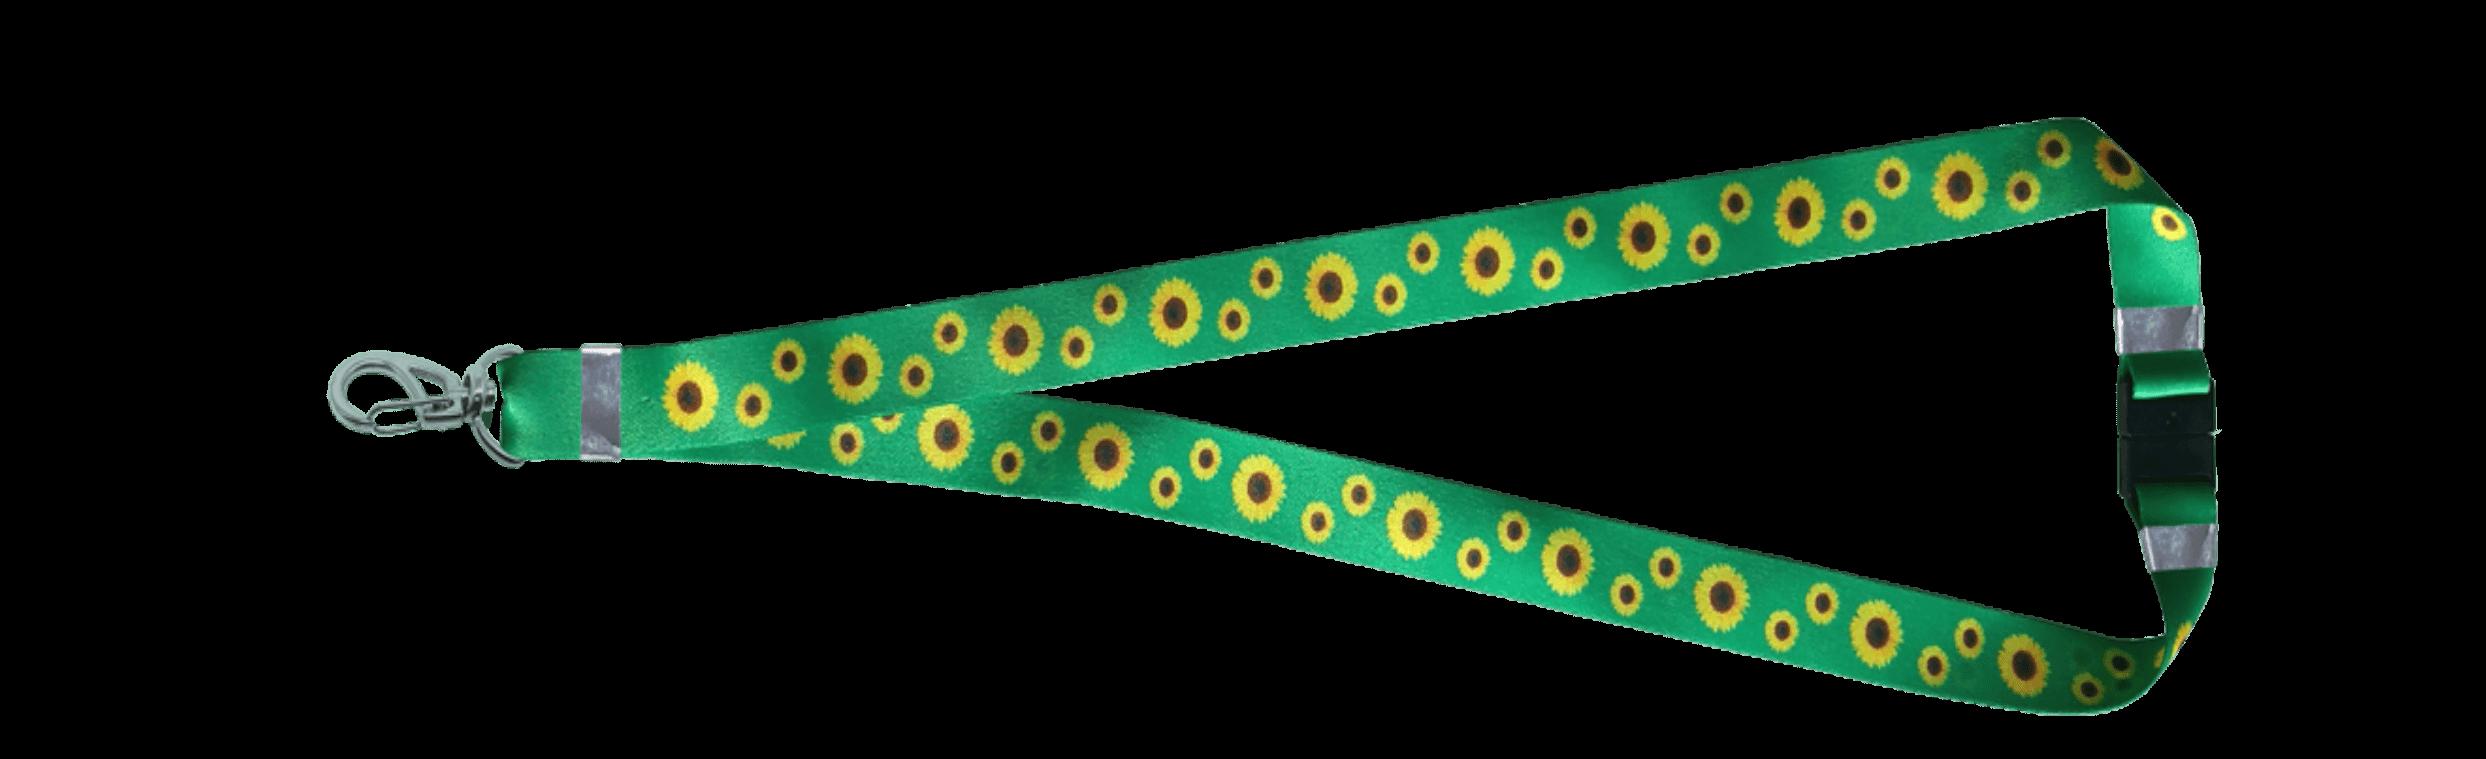 cordão de girassol